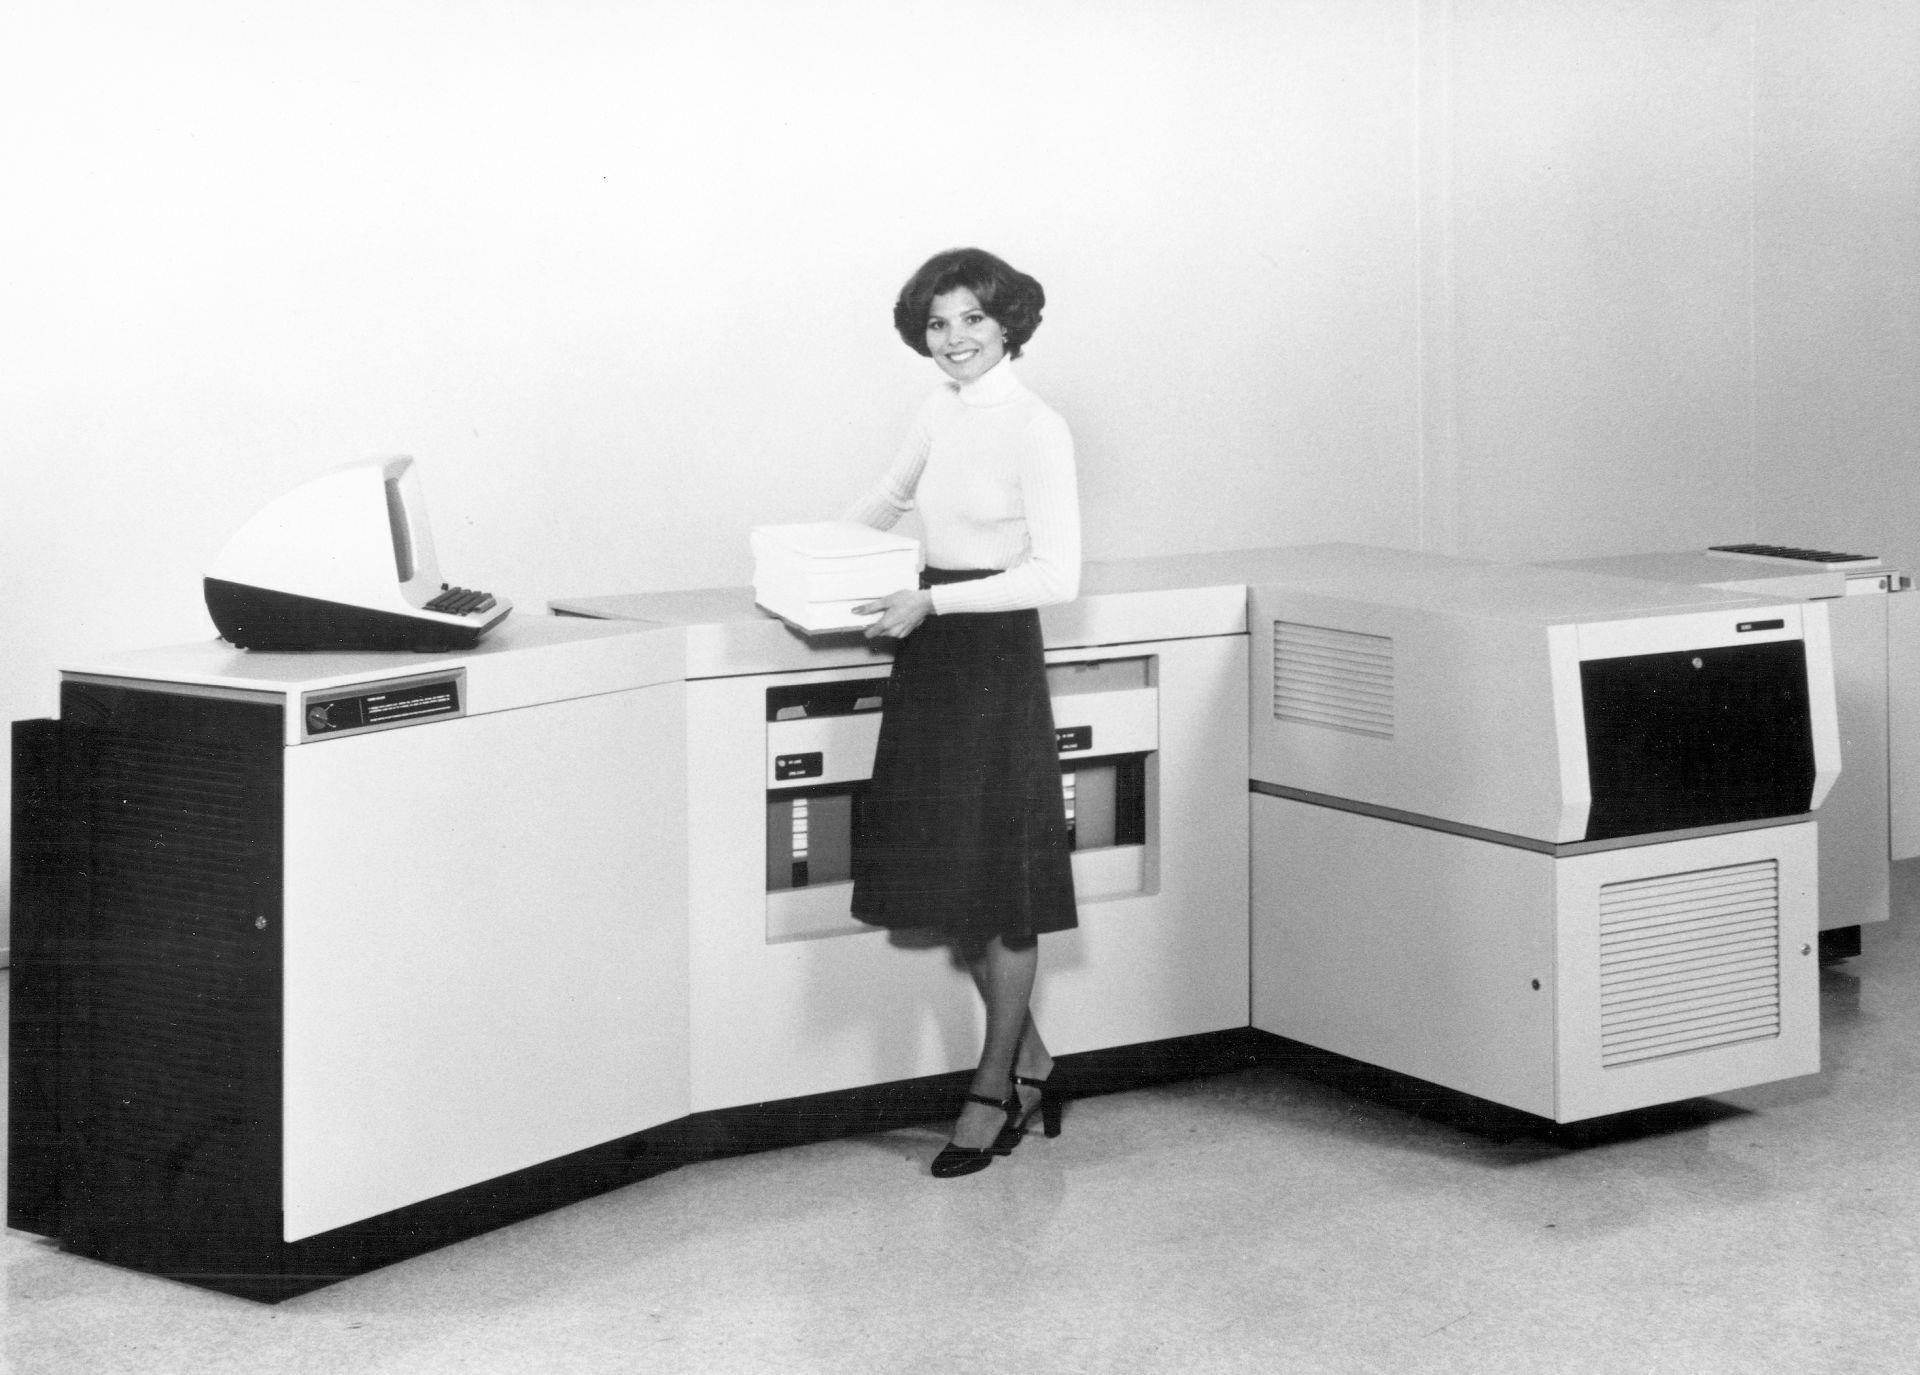 Xerox-9700.jpg